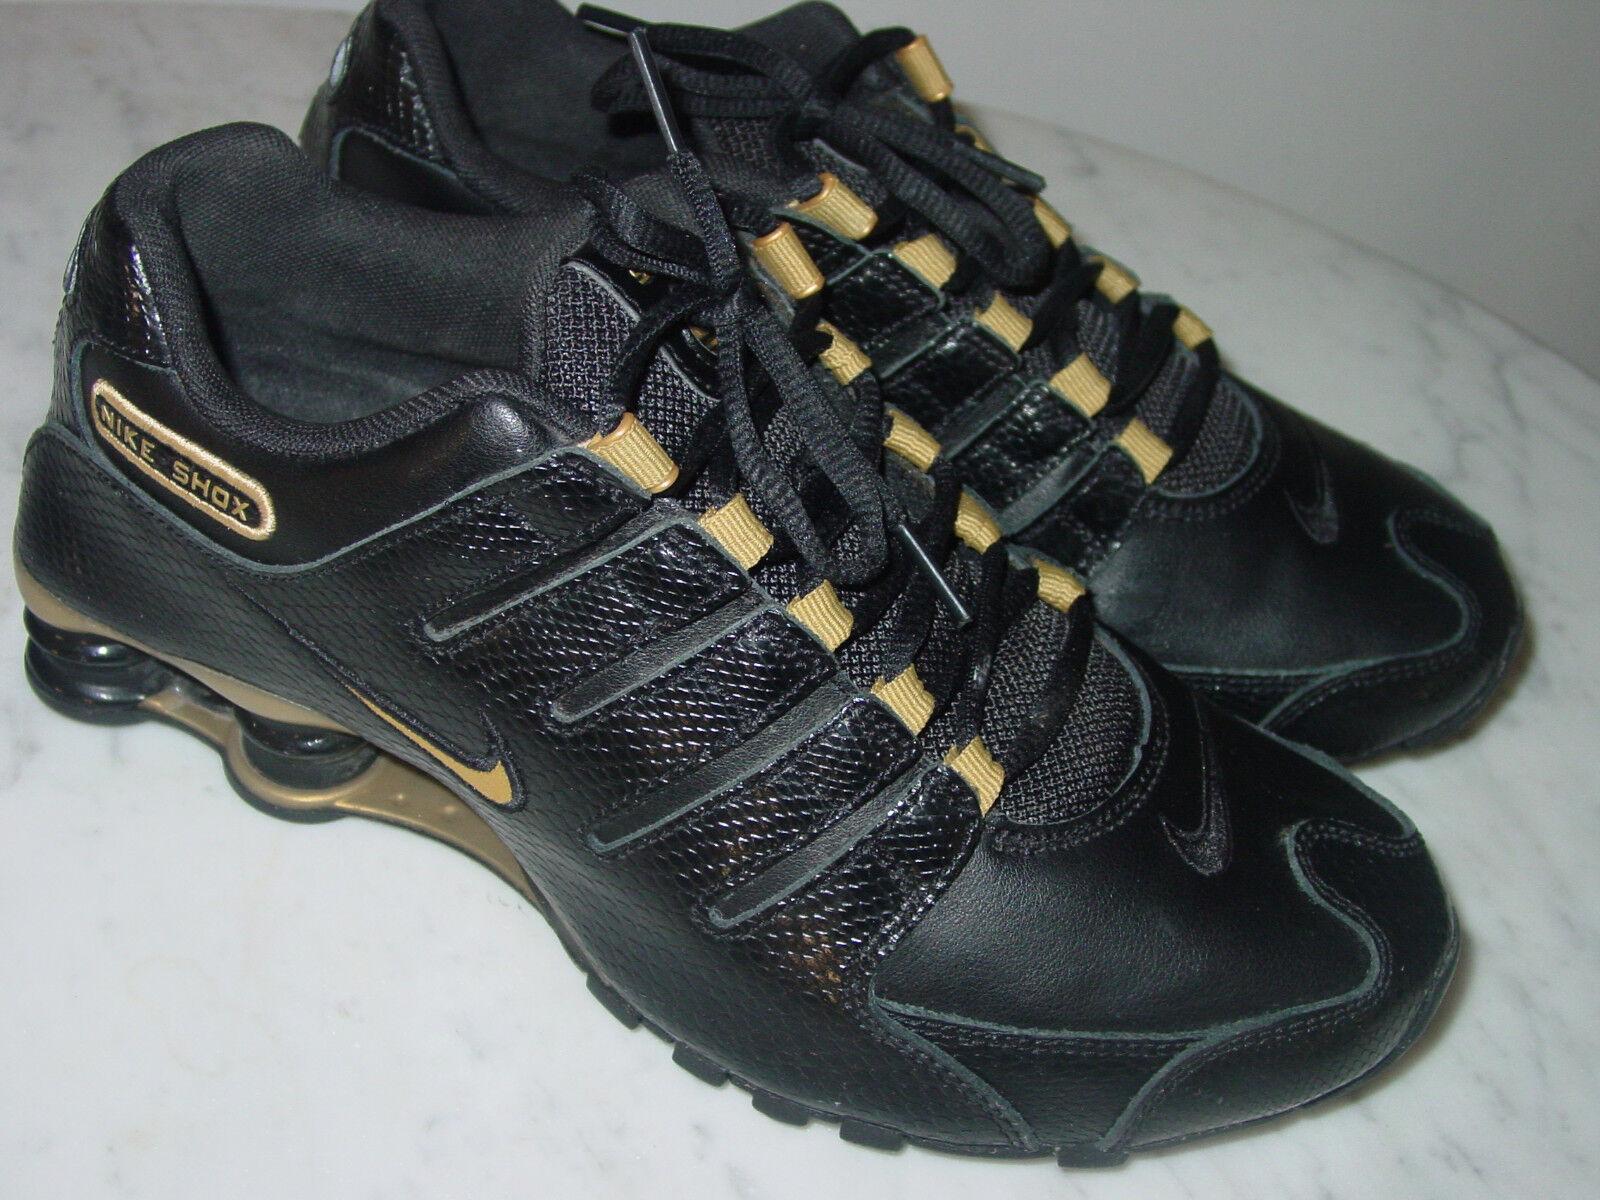 2018 Womens Nike Shox NZ EU Black/Metallic Gold Running Shoes! Comfortable